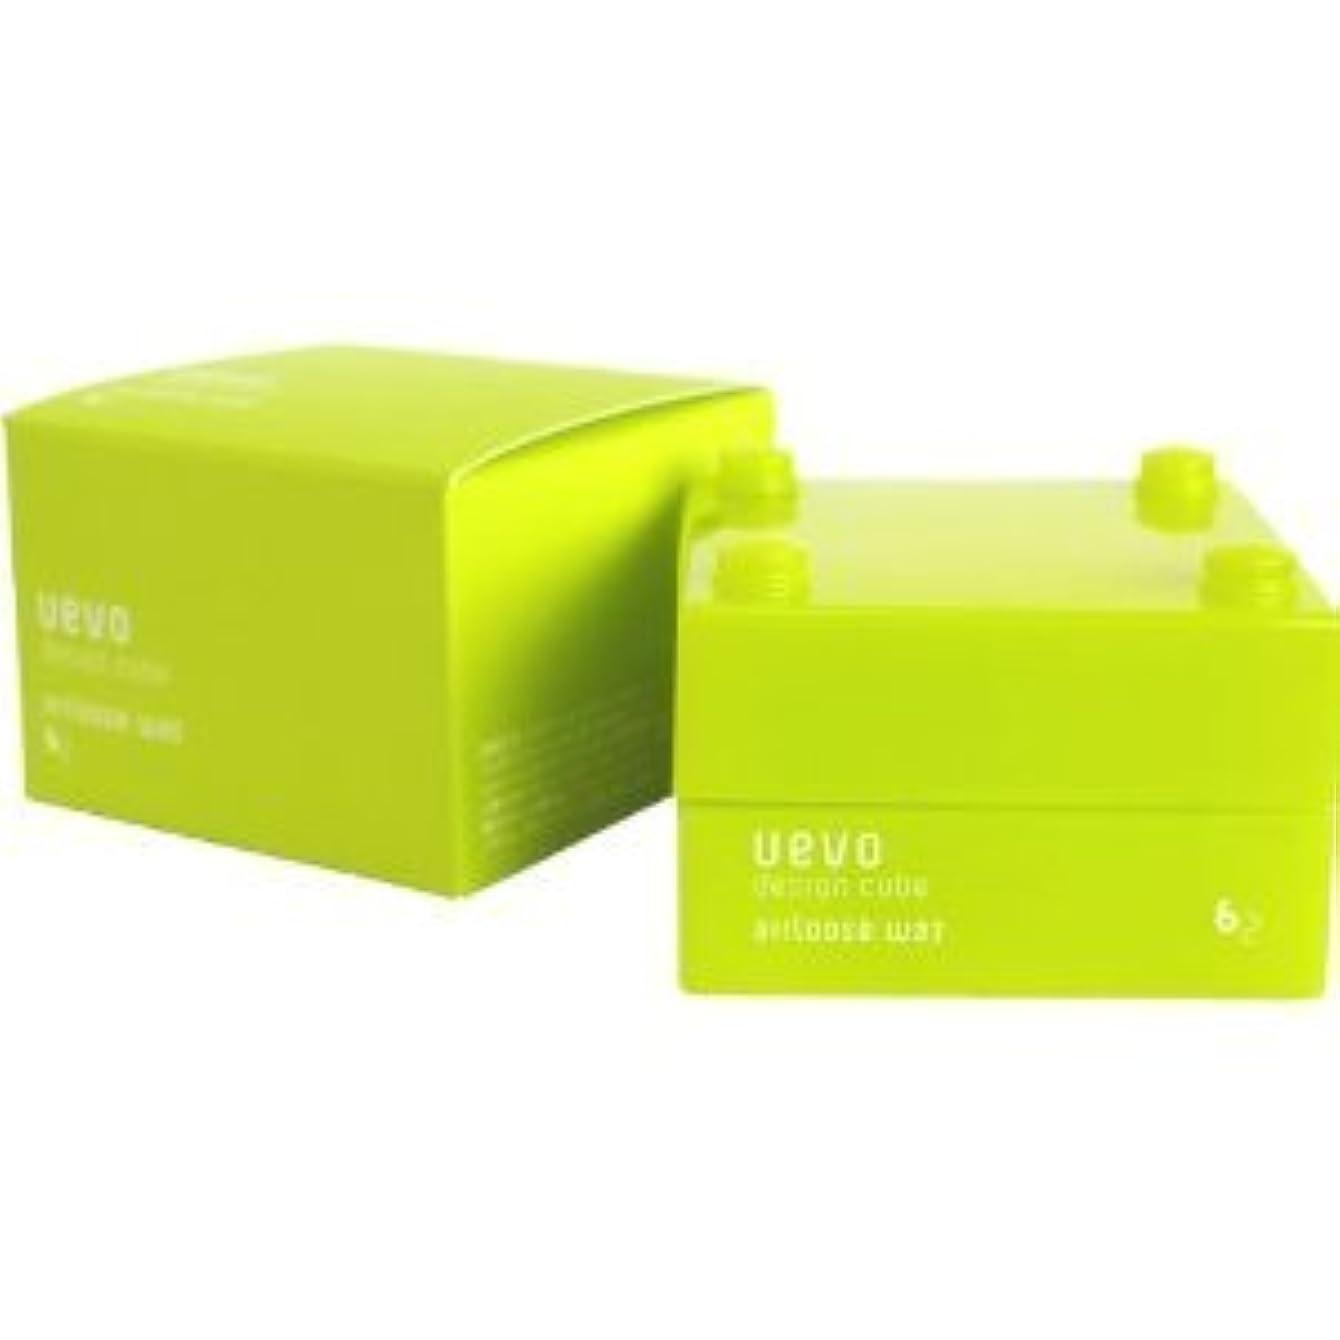 刺激する割るアンテナ【X2個セット】 デミ ウェーボ デザインキューブ エアルーズワックス 30g airloose wax DEMI uevo design cube